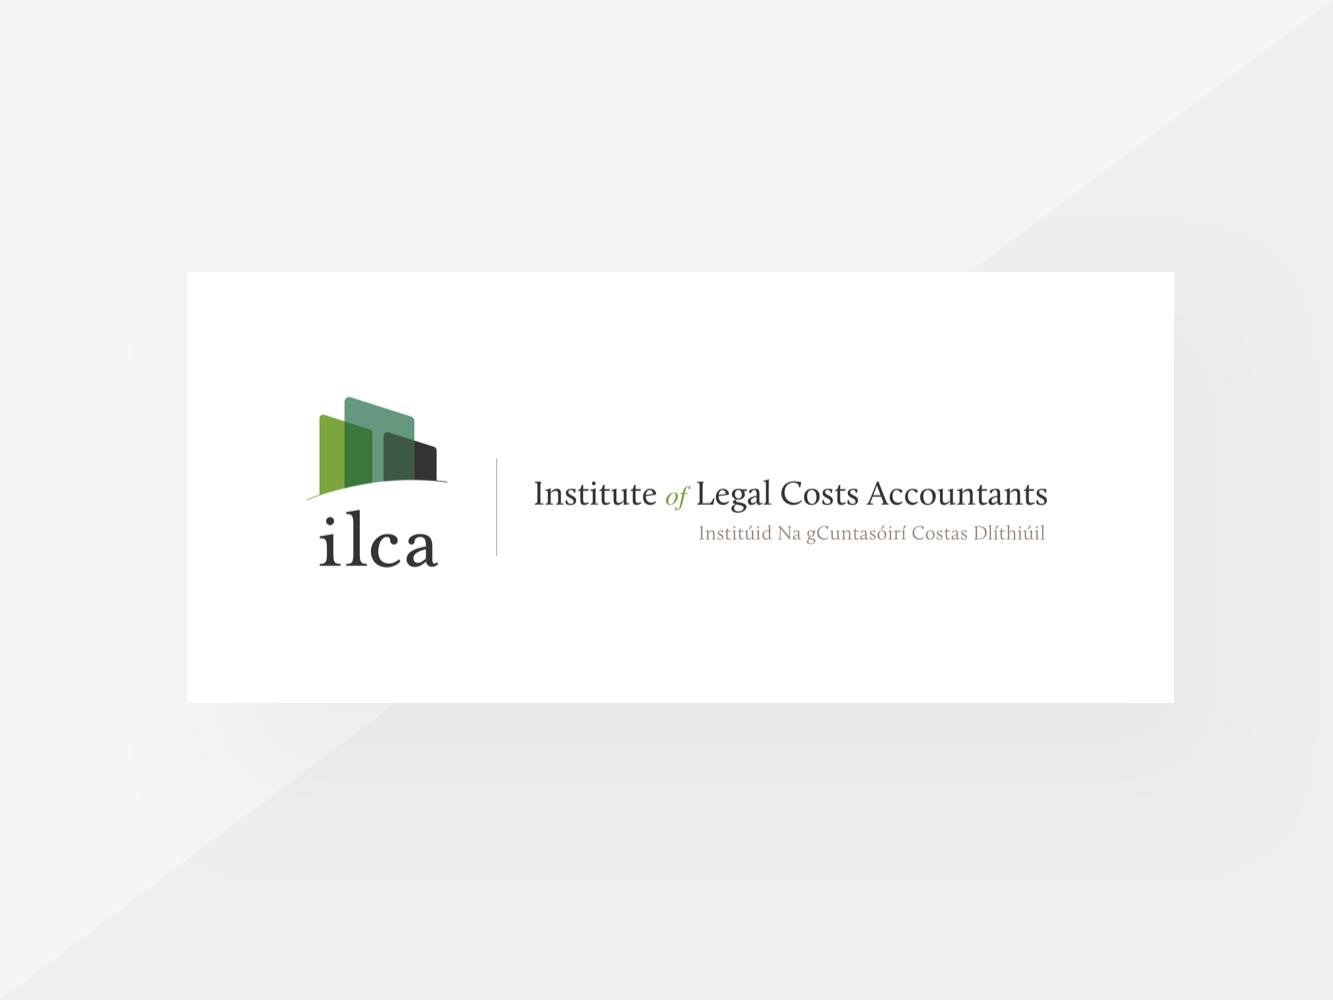 Cover image: ILCA